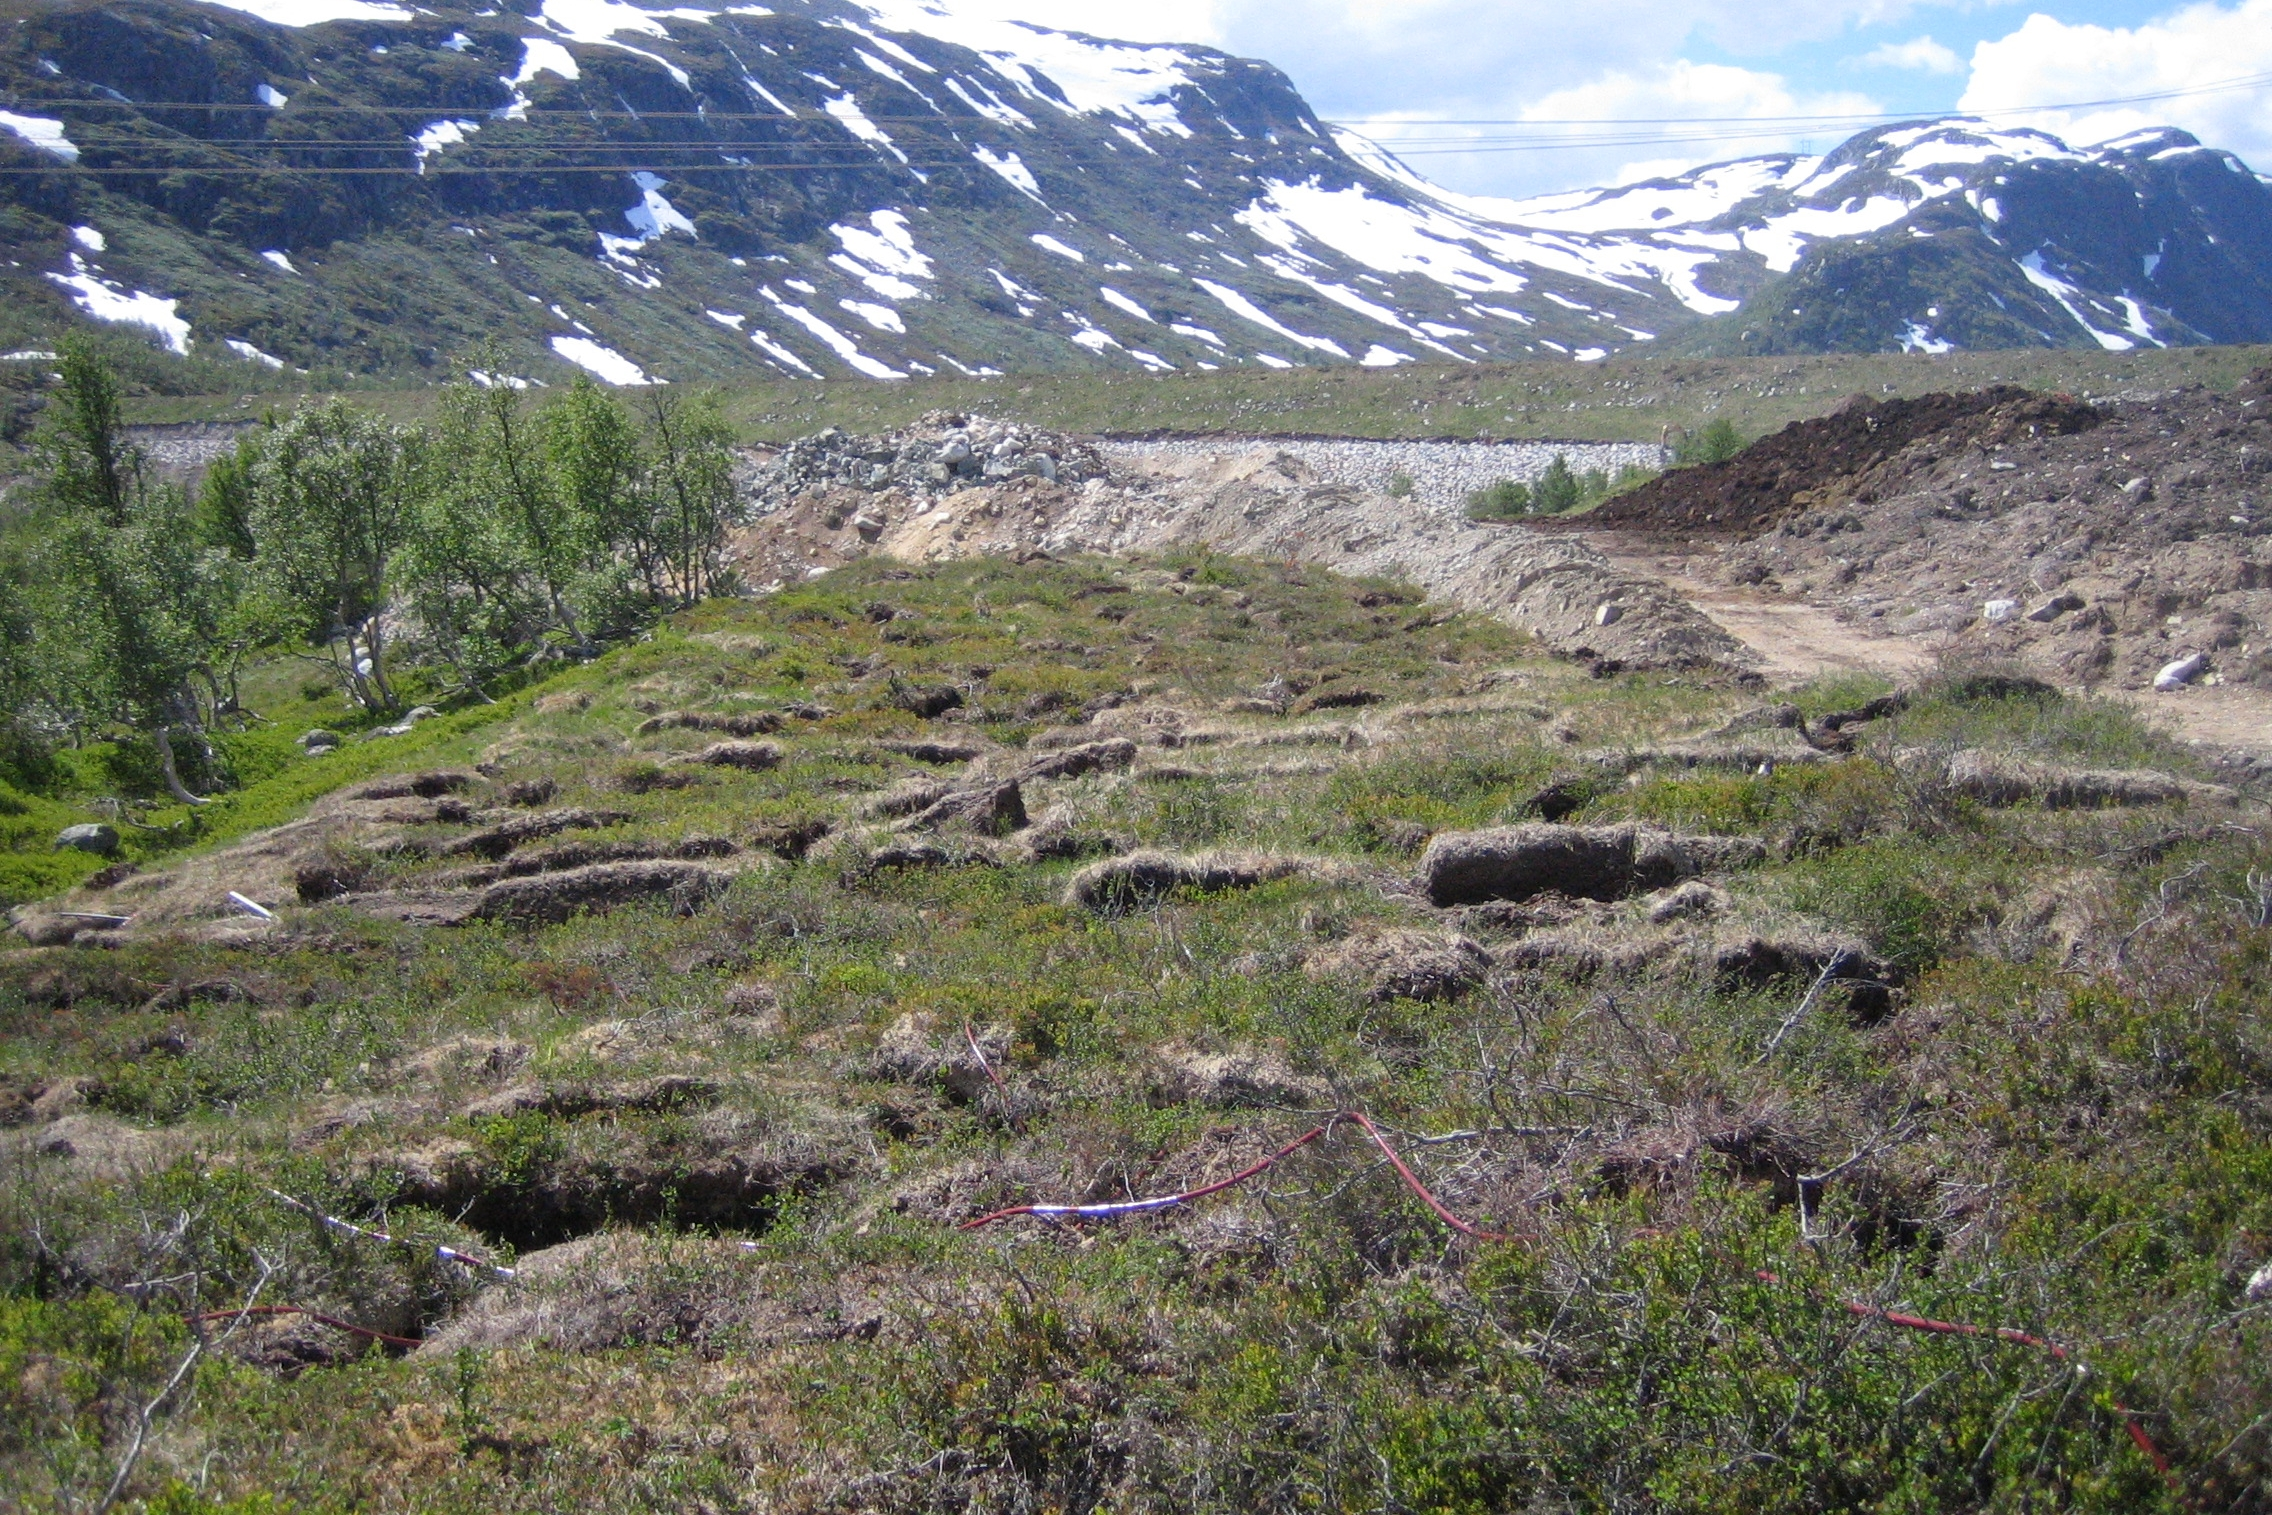 Dam Bitdalen - naturleg revegetering har vore eit overordna prinsipp for istandsetting av landskapet. Her ser vi mellomlagra vegetasjonstorver i framgrunnen. Den grøne damfronten i bakgrunnen